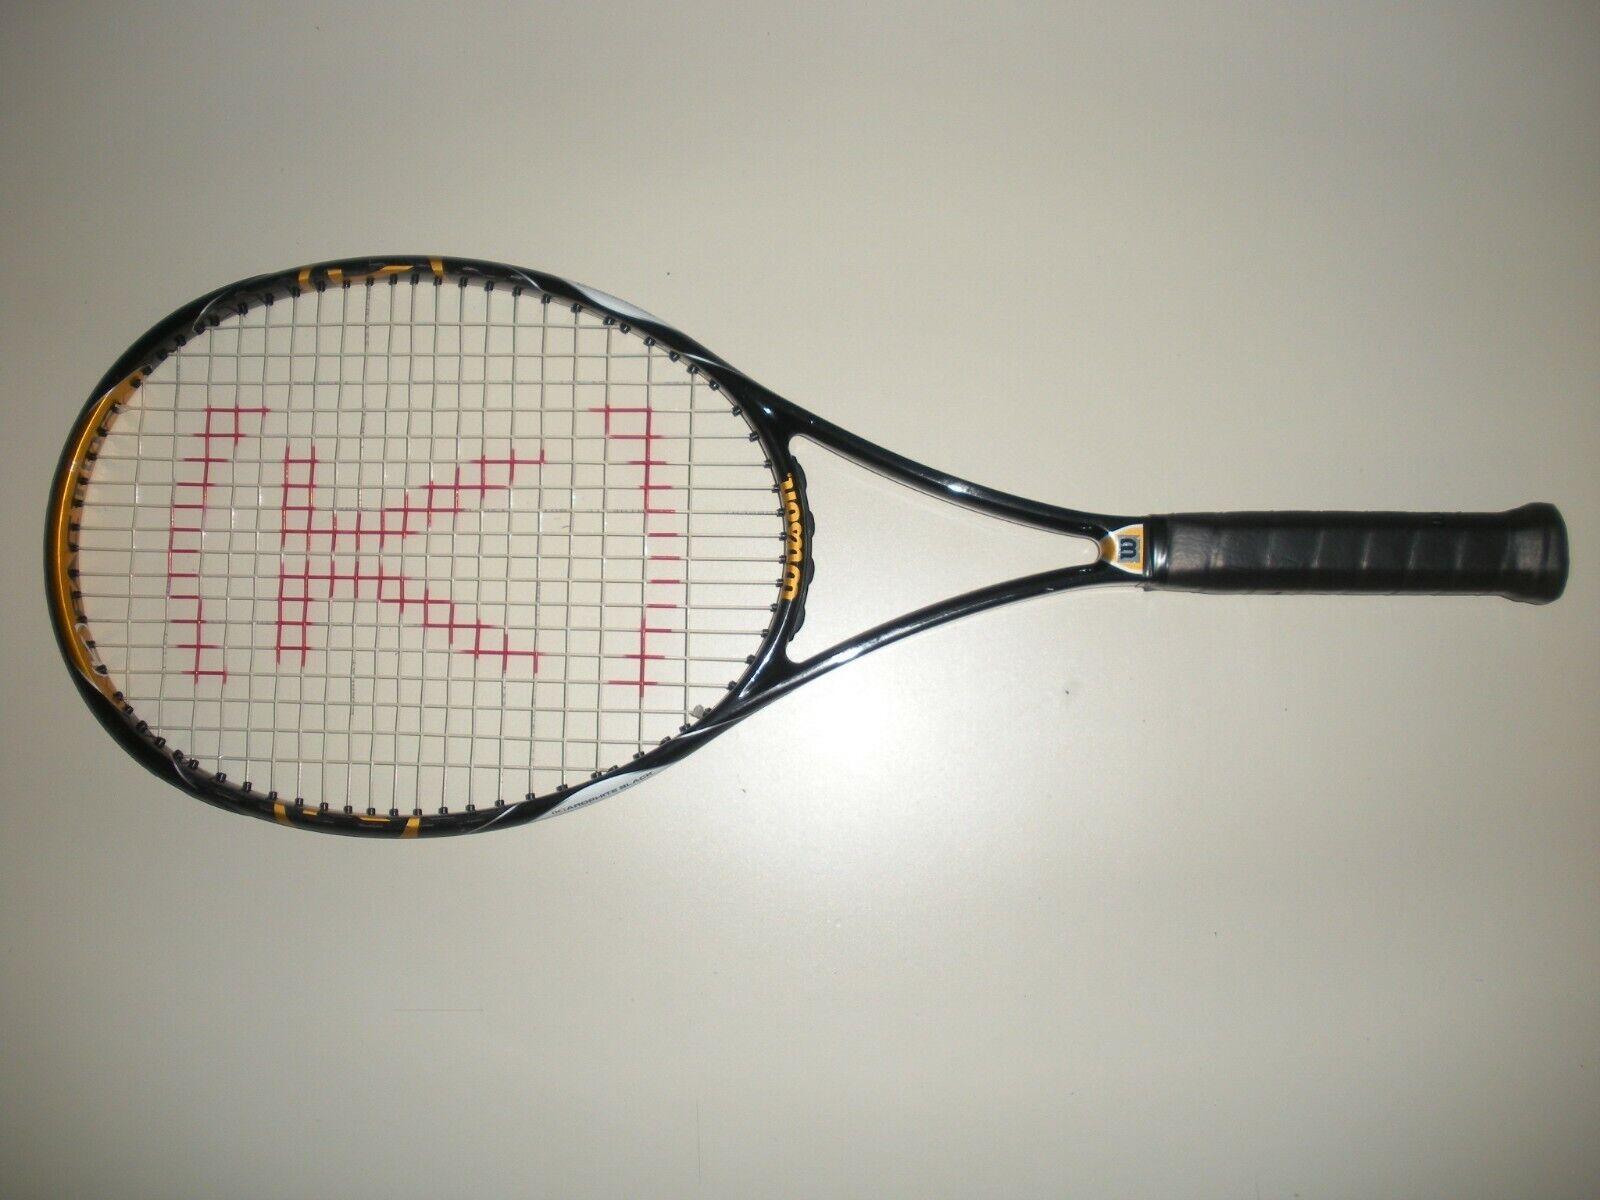 Wilson K-factor K-Blade 98  18X20 tenis raqueta 4 1 2 (nuevas cuerdas)  gran descuento